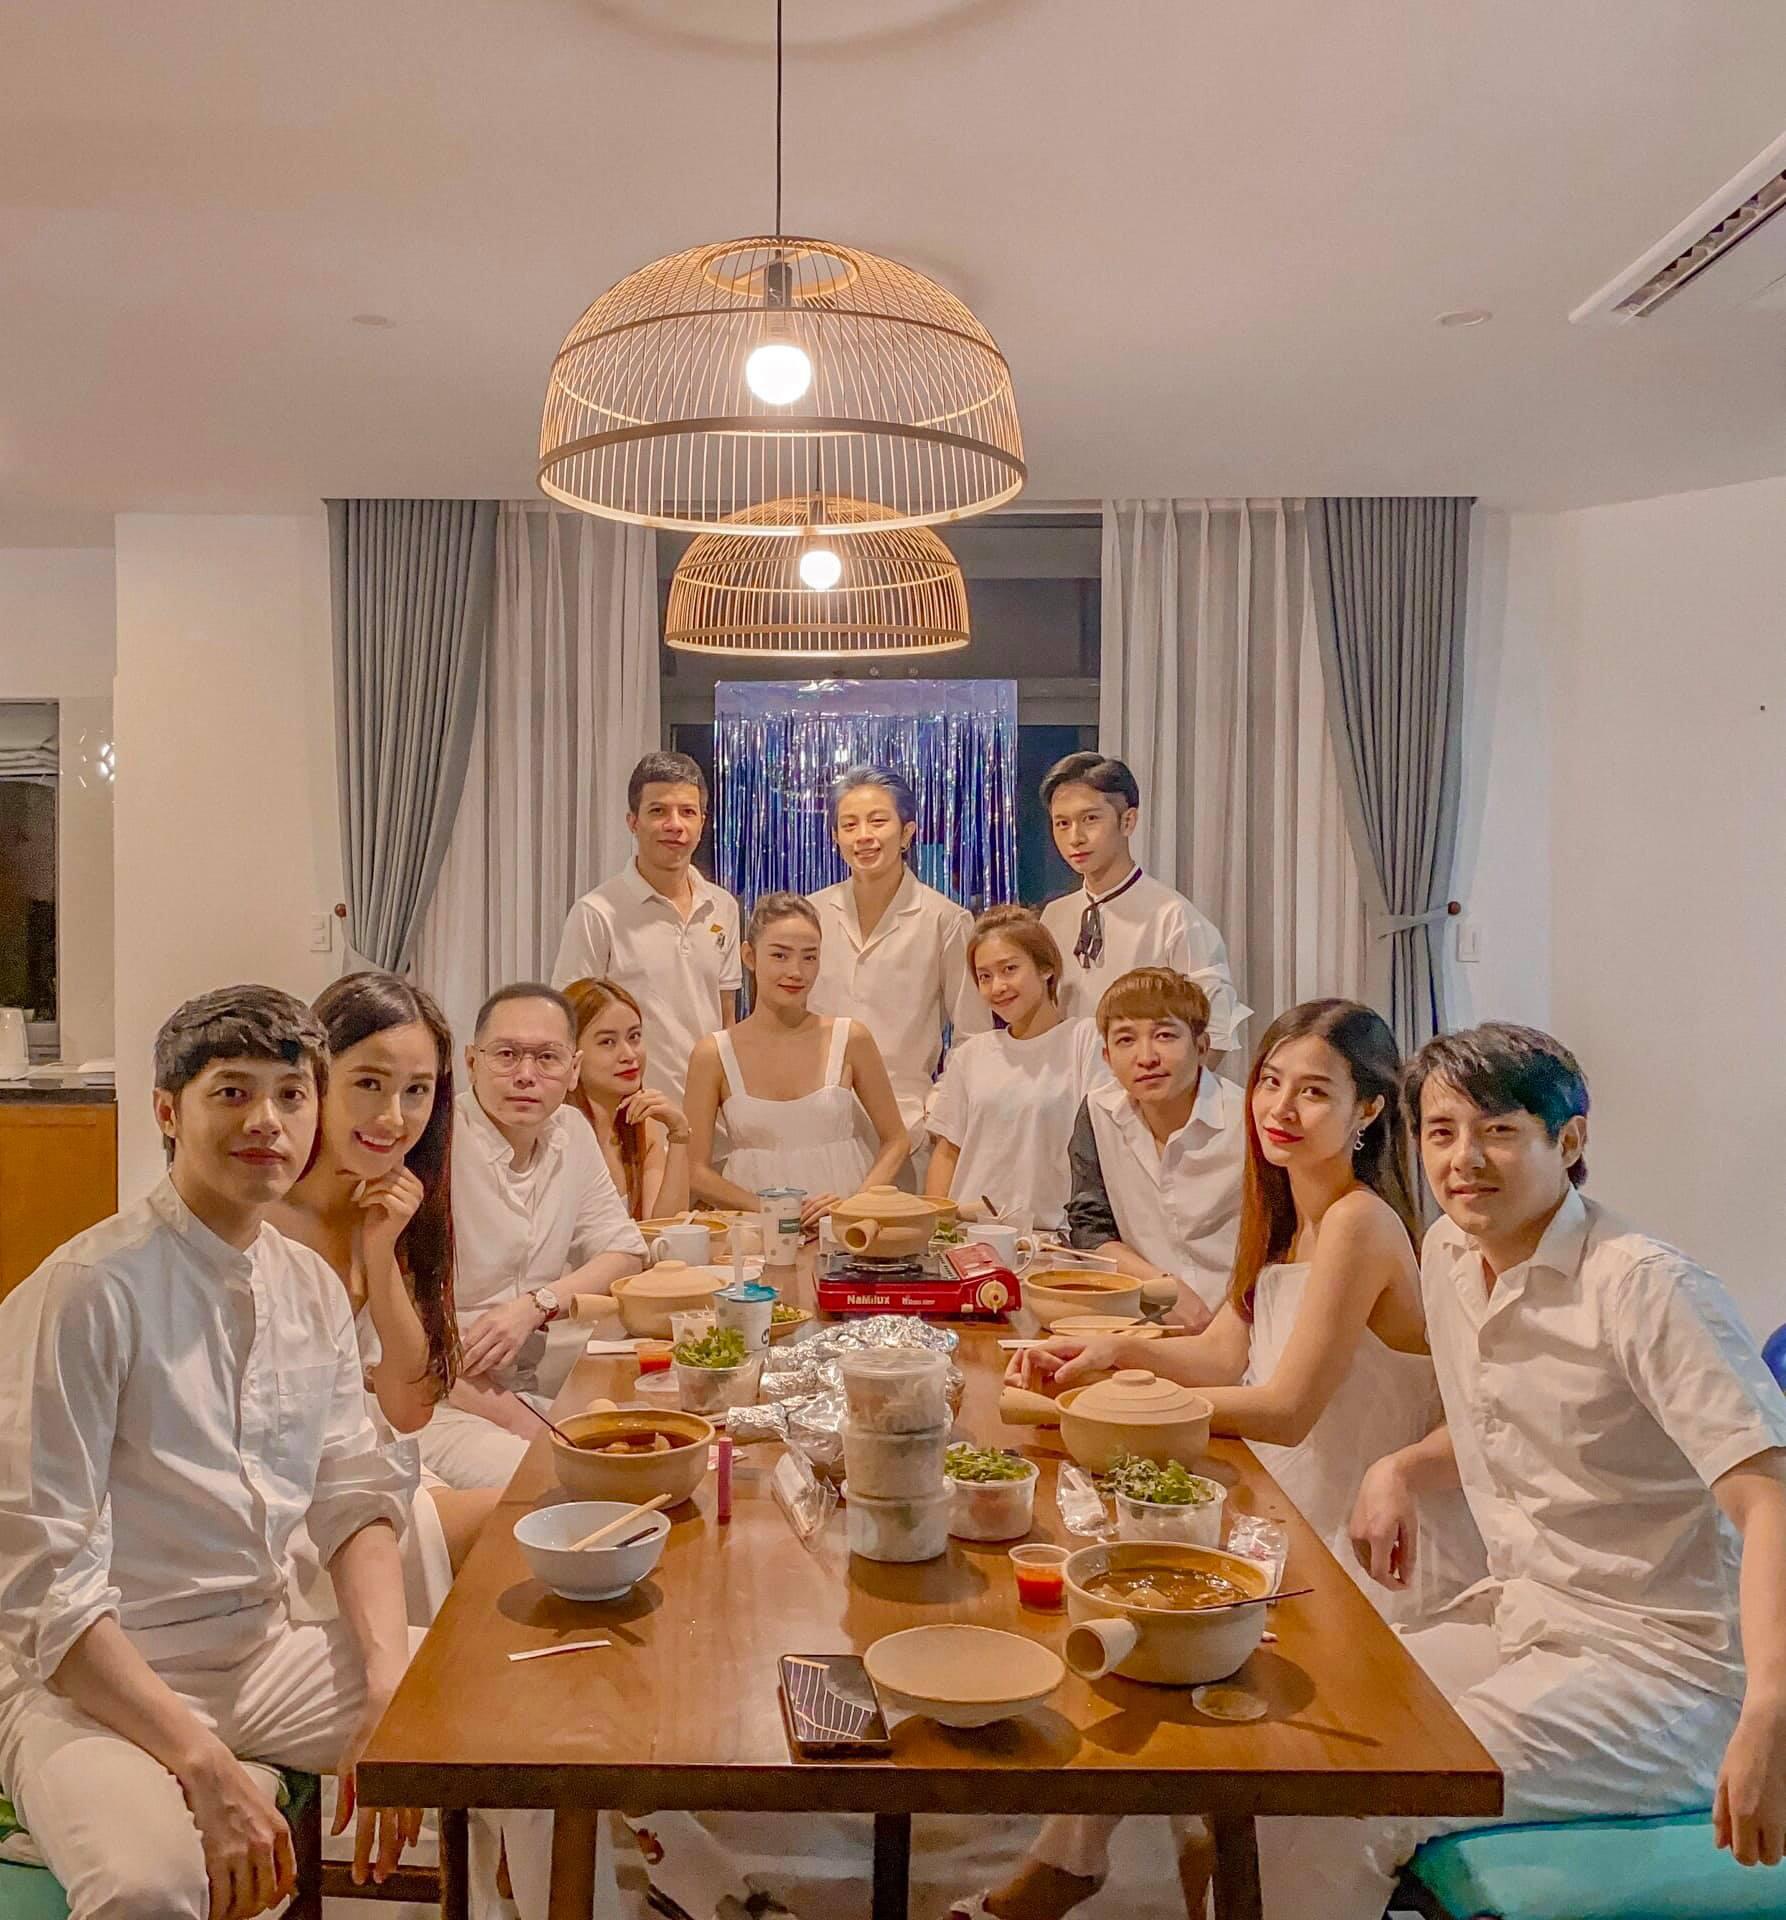 Hội bạn Vbiz bị nghi cạch mặt: Trường Giang lên TV nói rõ quan hệ với Trấn Thành, Đông Nhi - Noo sau 3 năm mới lên tiếng - Ảnh 11.